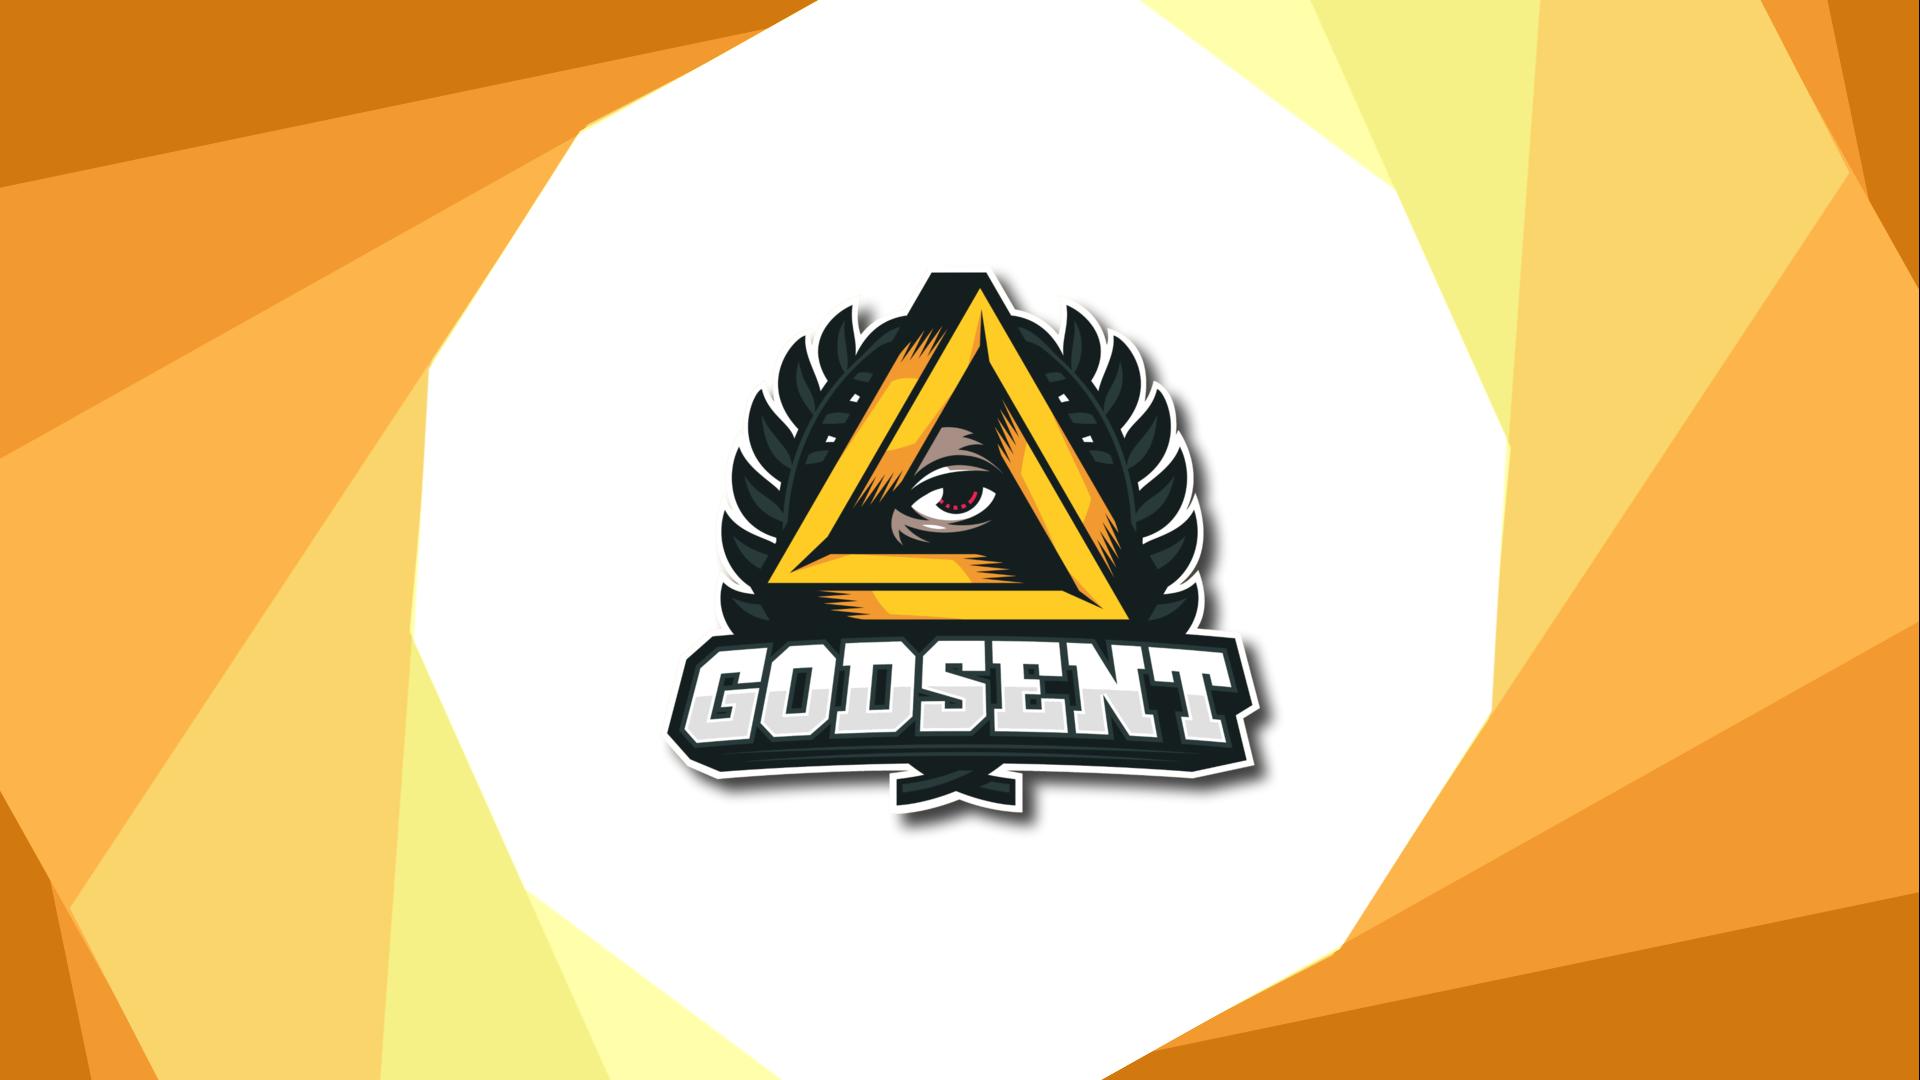 Godsent V2